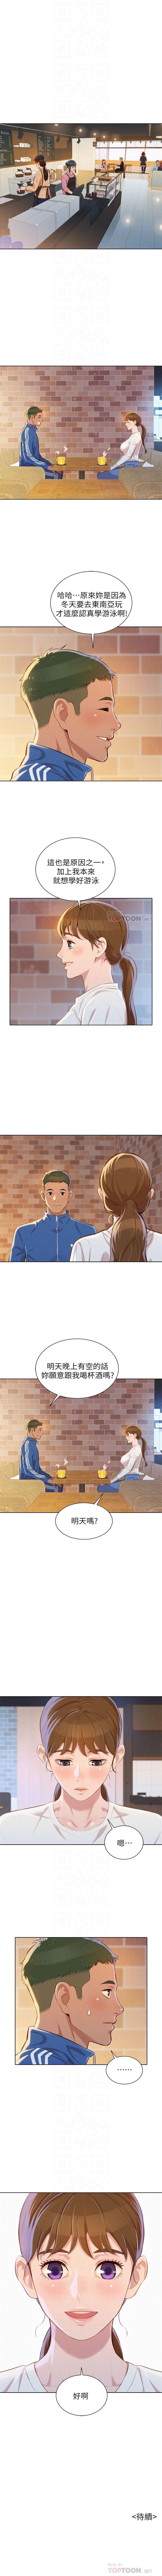 (周7)漂亮干姐姐  1-79 中文翻译 (更新中) 379